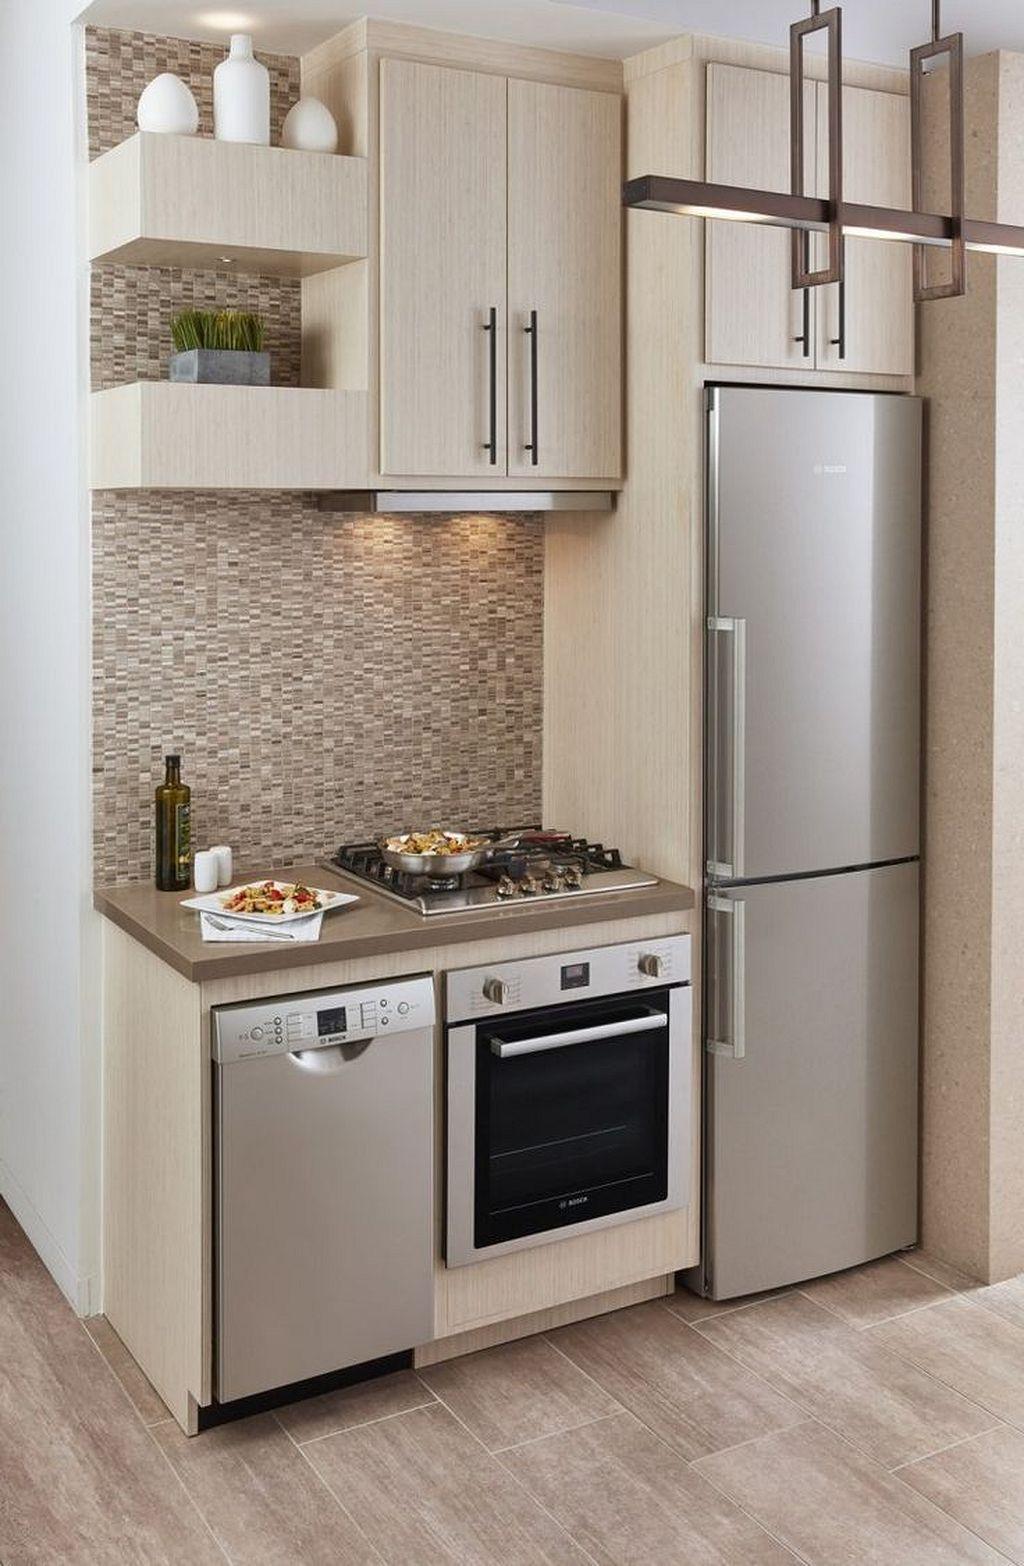 42 Best Hack Your Tiny House Cocinas Decoraci N De Apartamentos  # Muebles Sencillos Para Cocina